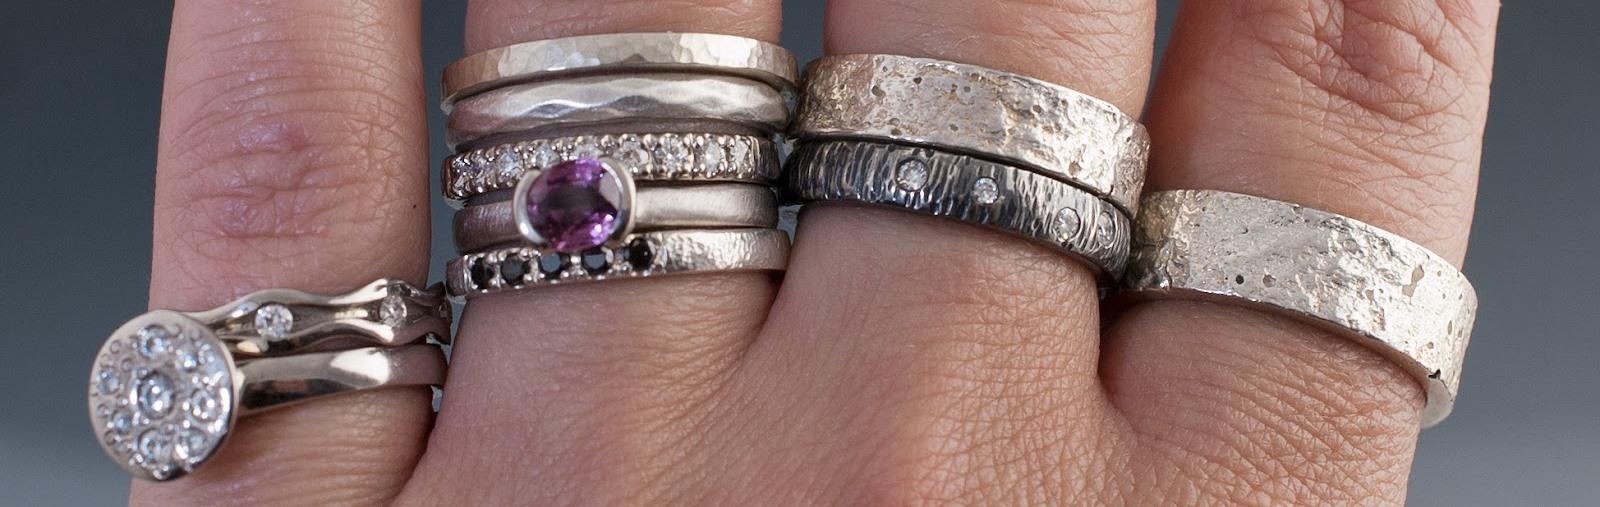 как правильно носить кольца на руках